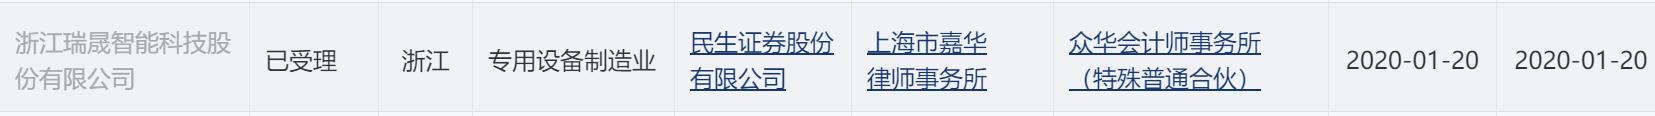 瑞晟智能科创板IPO获受理 董事长向女儿1元转让133万股份